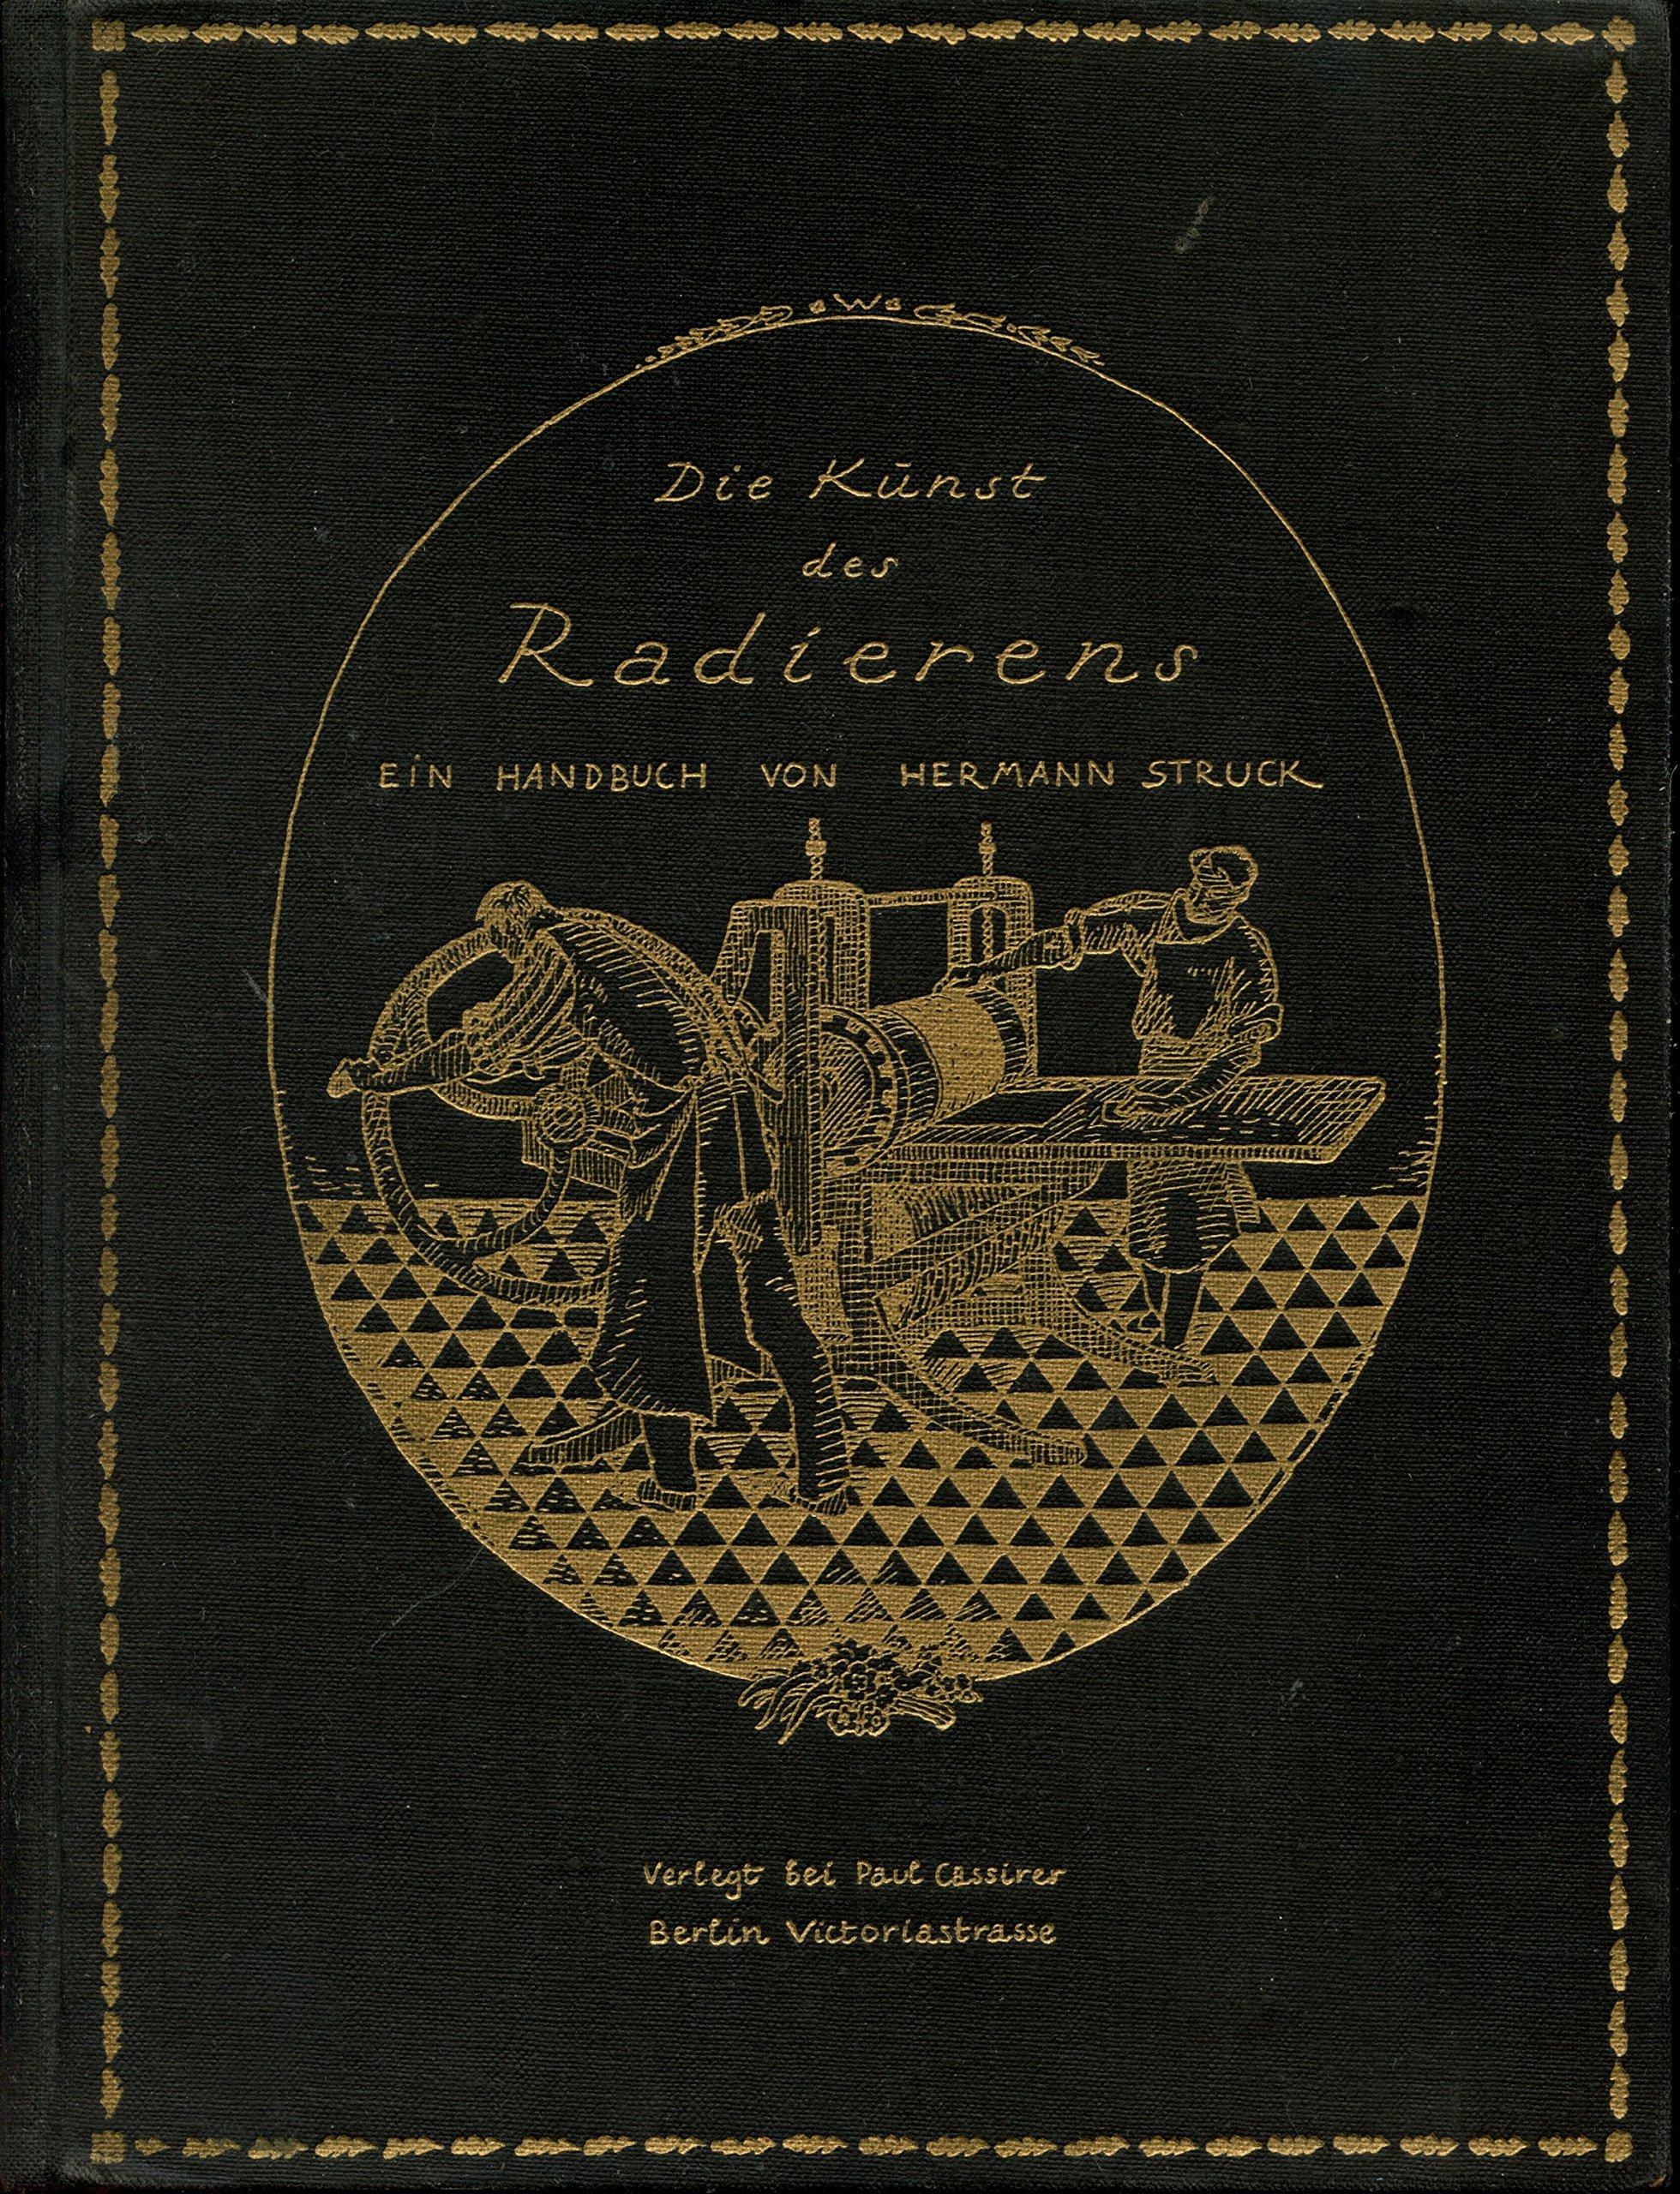 Die Kunst Des Radierens - Ein Handbuch - With Four Original Prints ...